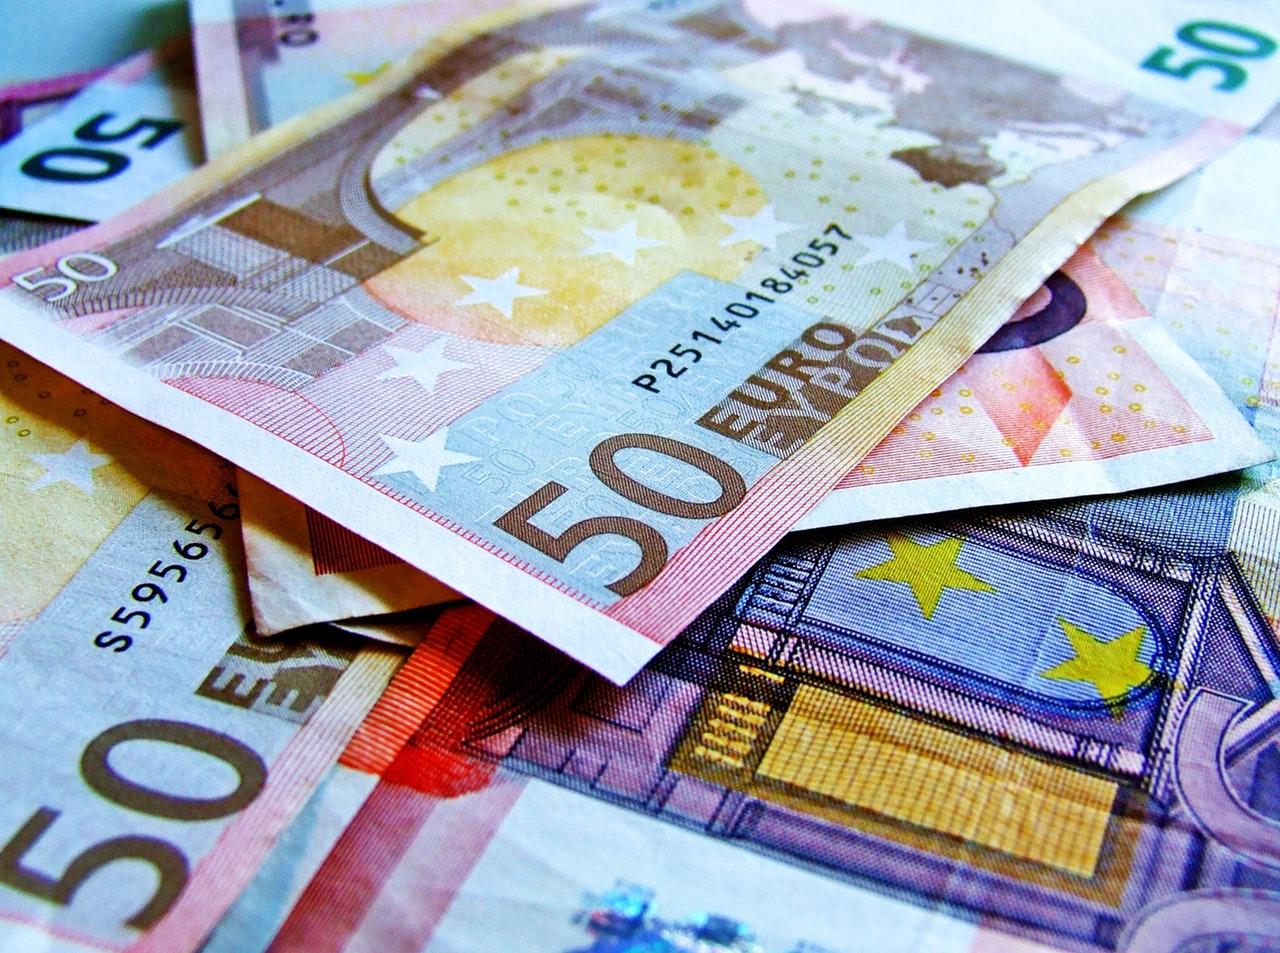 CIG Pannónia: Még a végén meglesz a 2 milliárdos nyereség